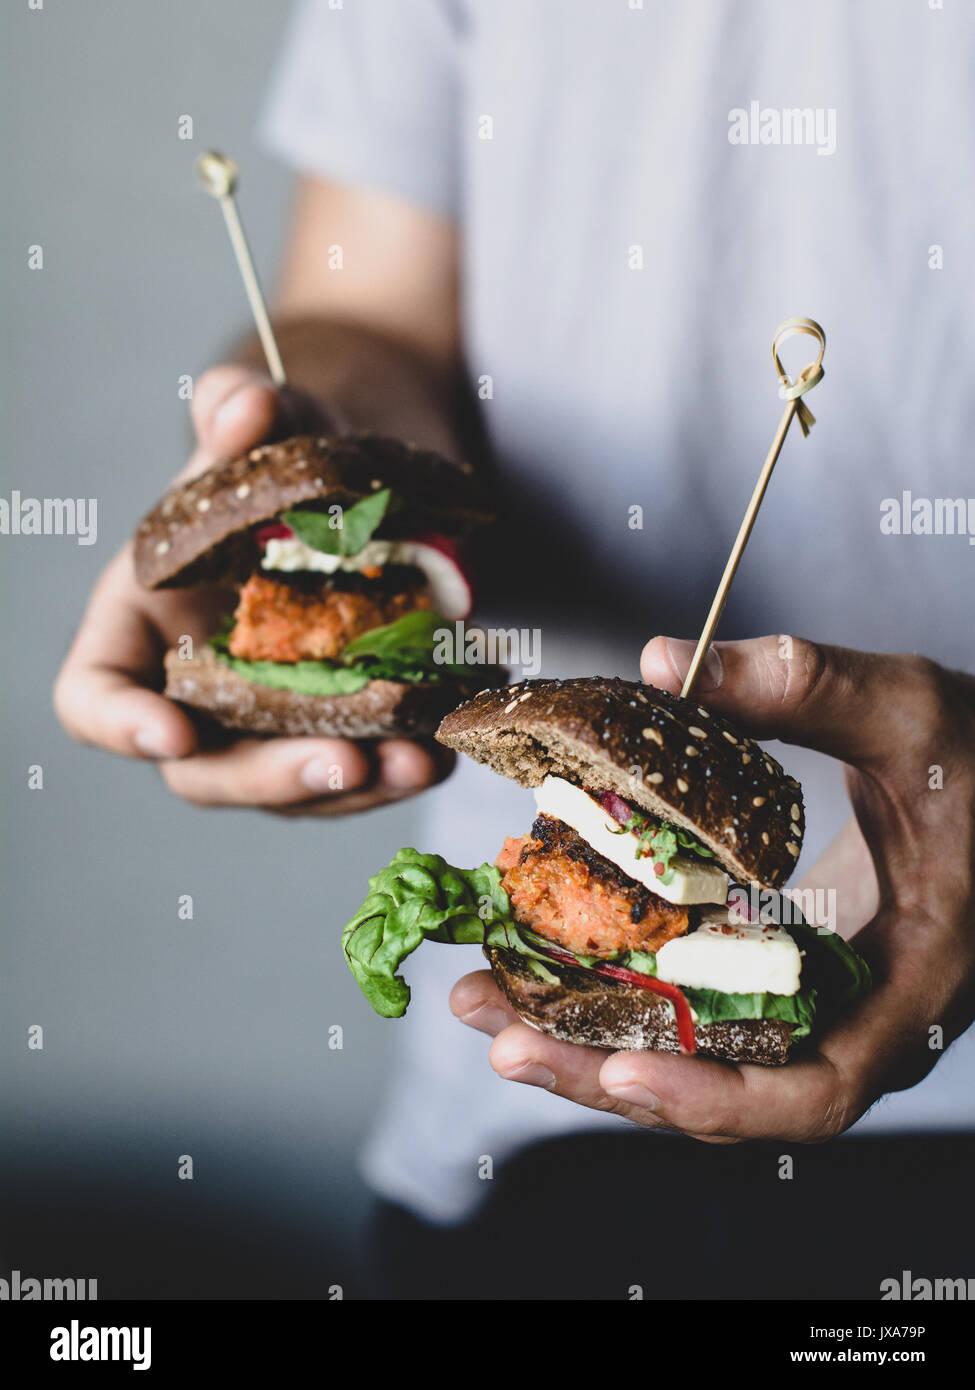 Junge hipster Holding vegetarische Karotte Tofu Burger. Detailansicht, selektiver Fokus Stockbild